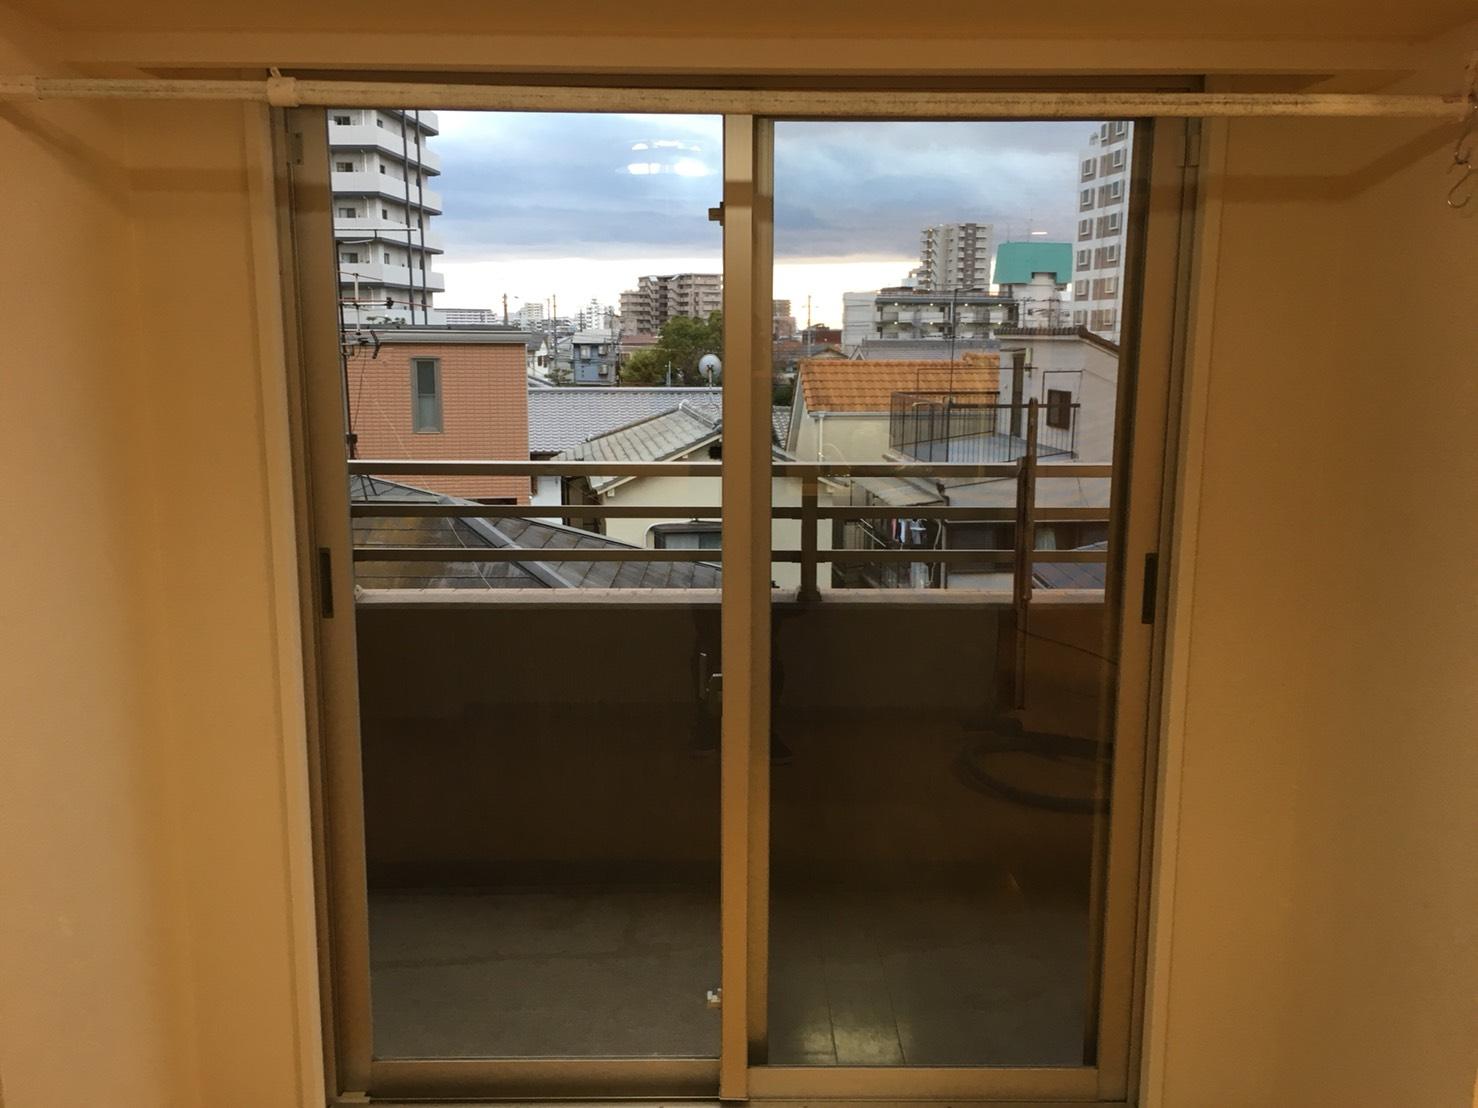 気になる花粉症の季節、春!!窓の開け締めで快適に!ハウスクリーニング窓掃除は、おそうじプラスにおまかせください!